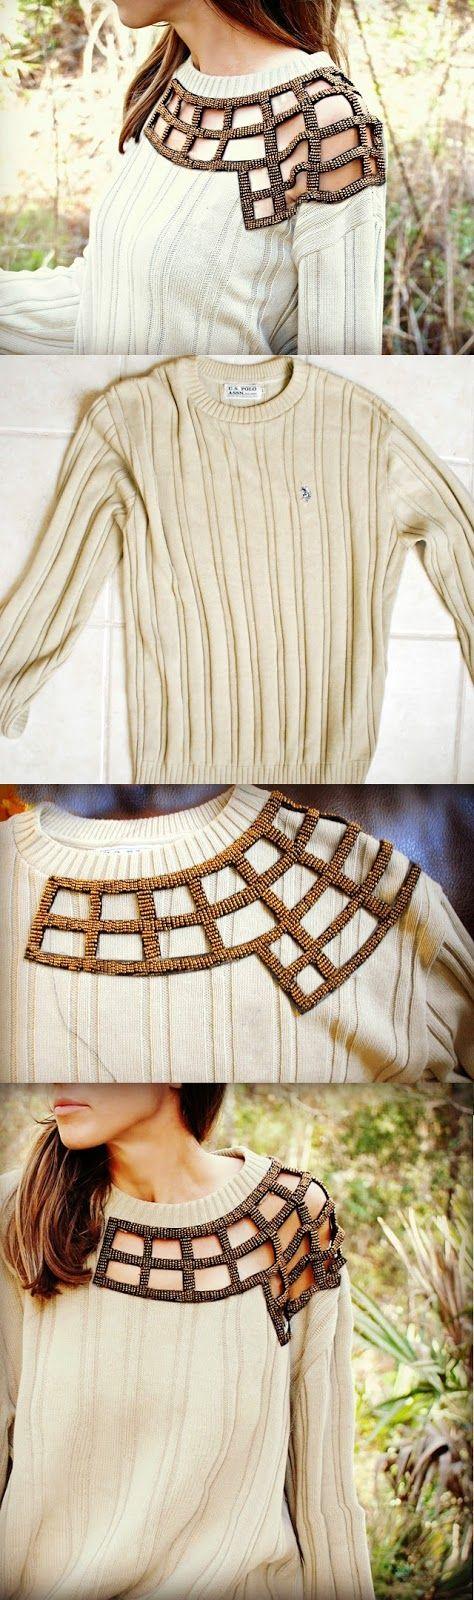 DIY Embellished Sweater